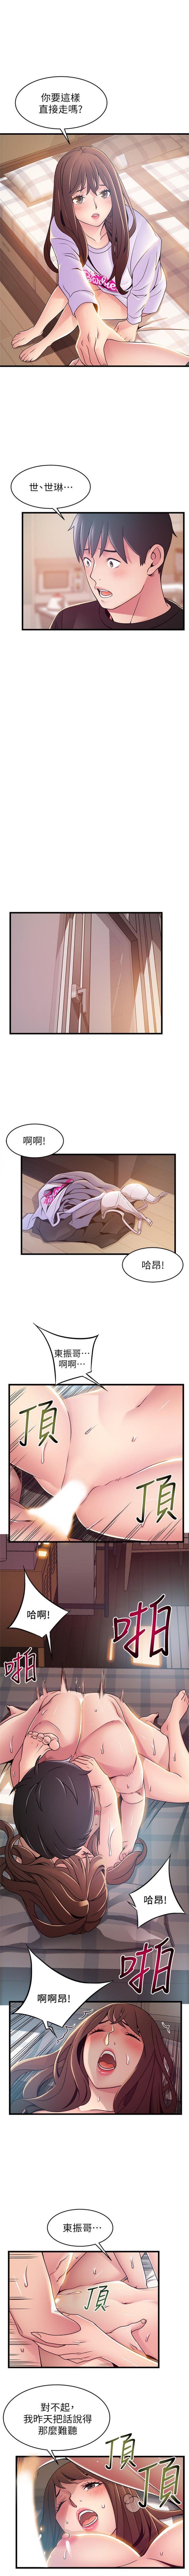 弱點 1-101 官方中文(連載中) 580